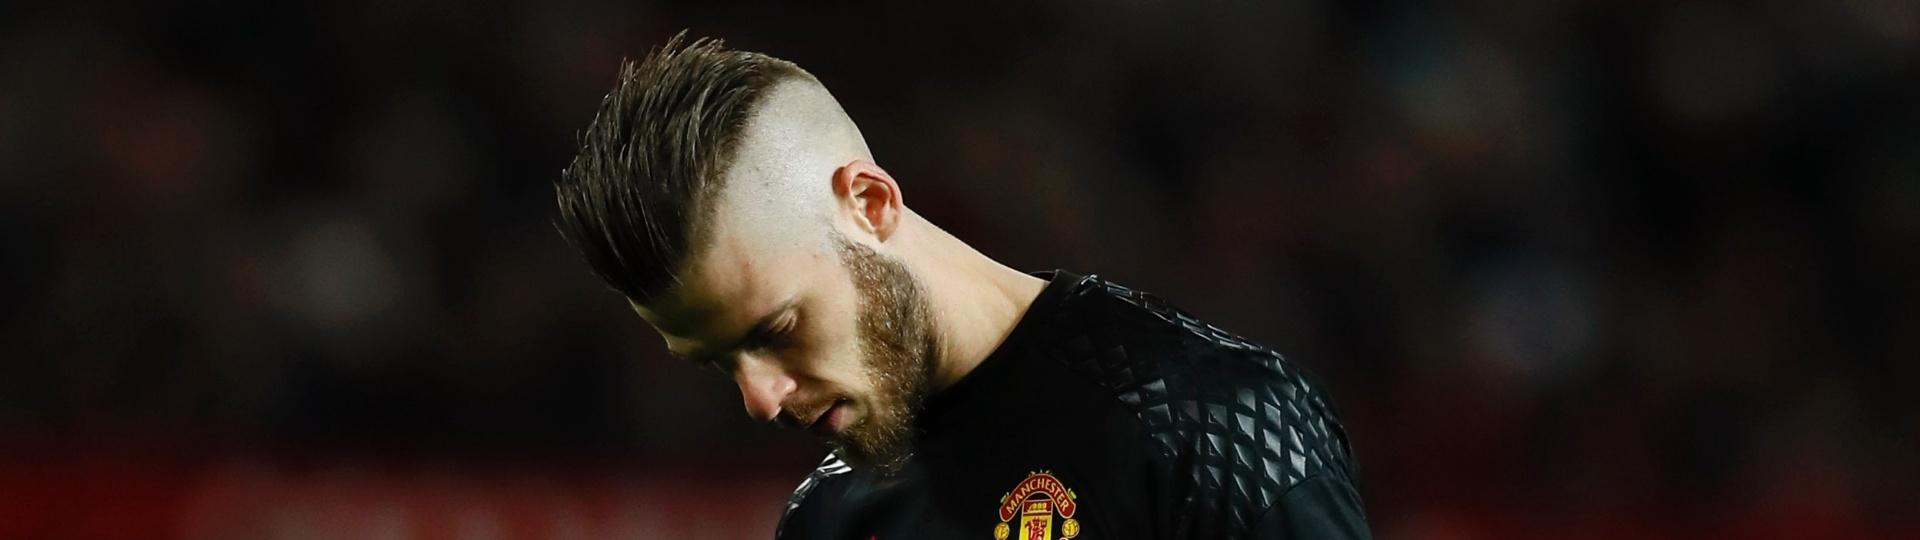 O goleiro do Manchester United, De Gea, se lamenta após sofrer o gol do Everton